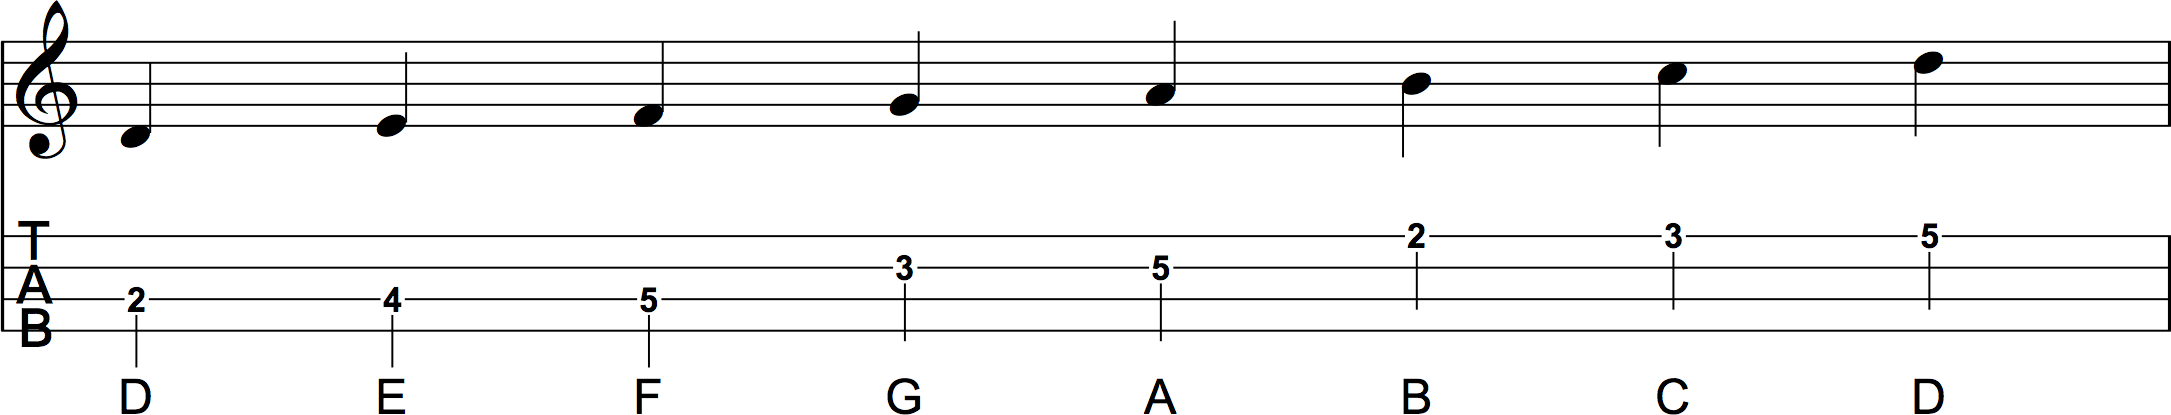 C Major Scale Position 2 Sheet Music and Ukulele Tab